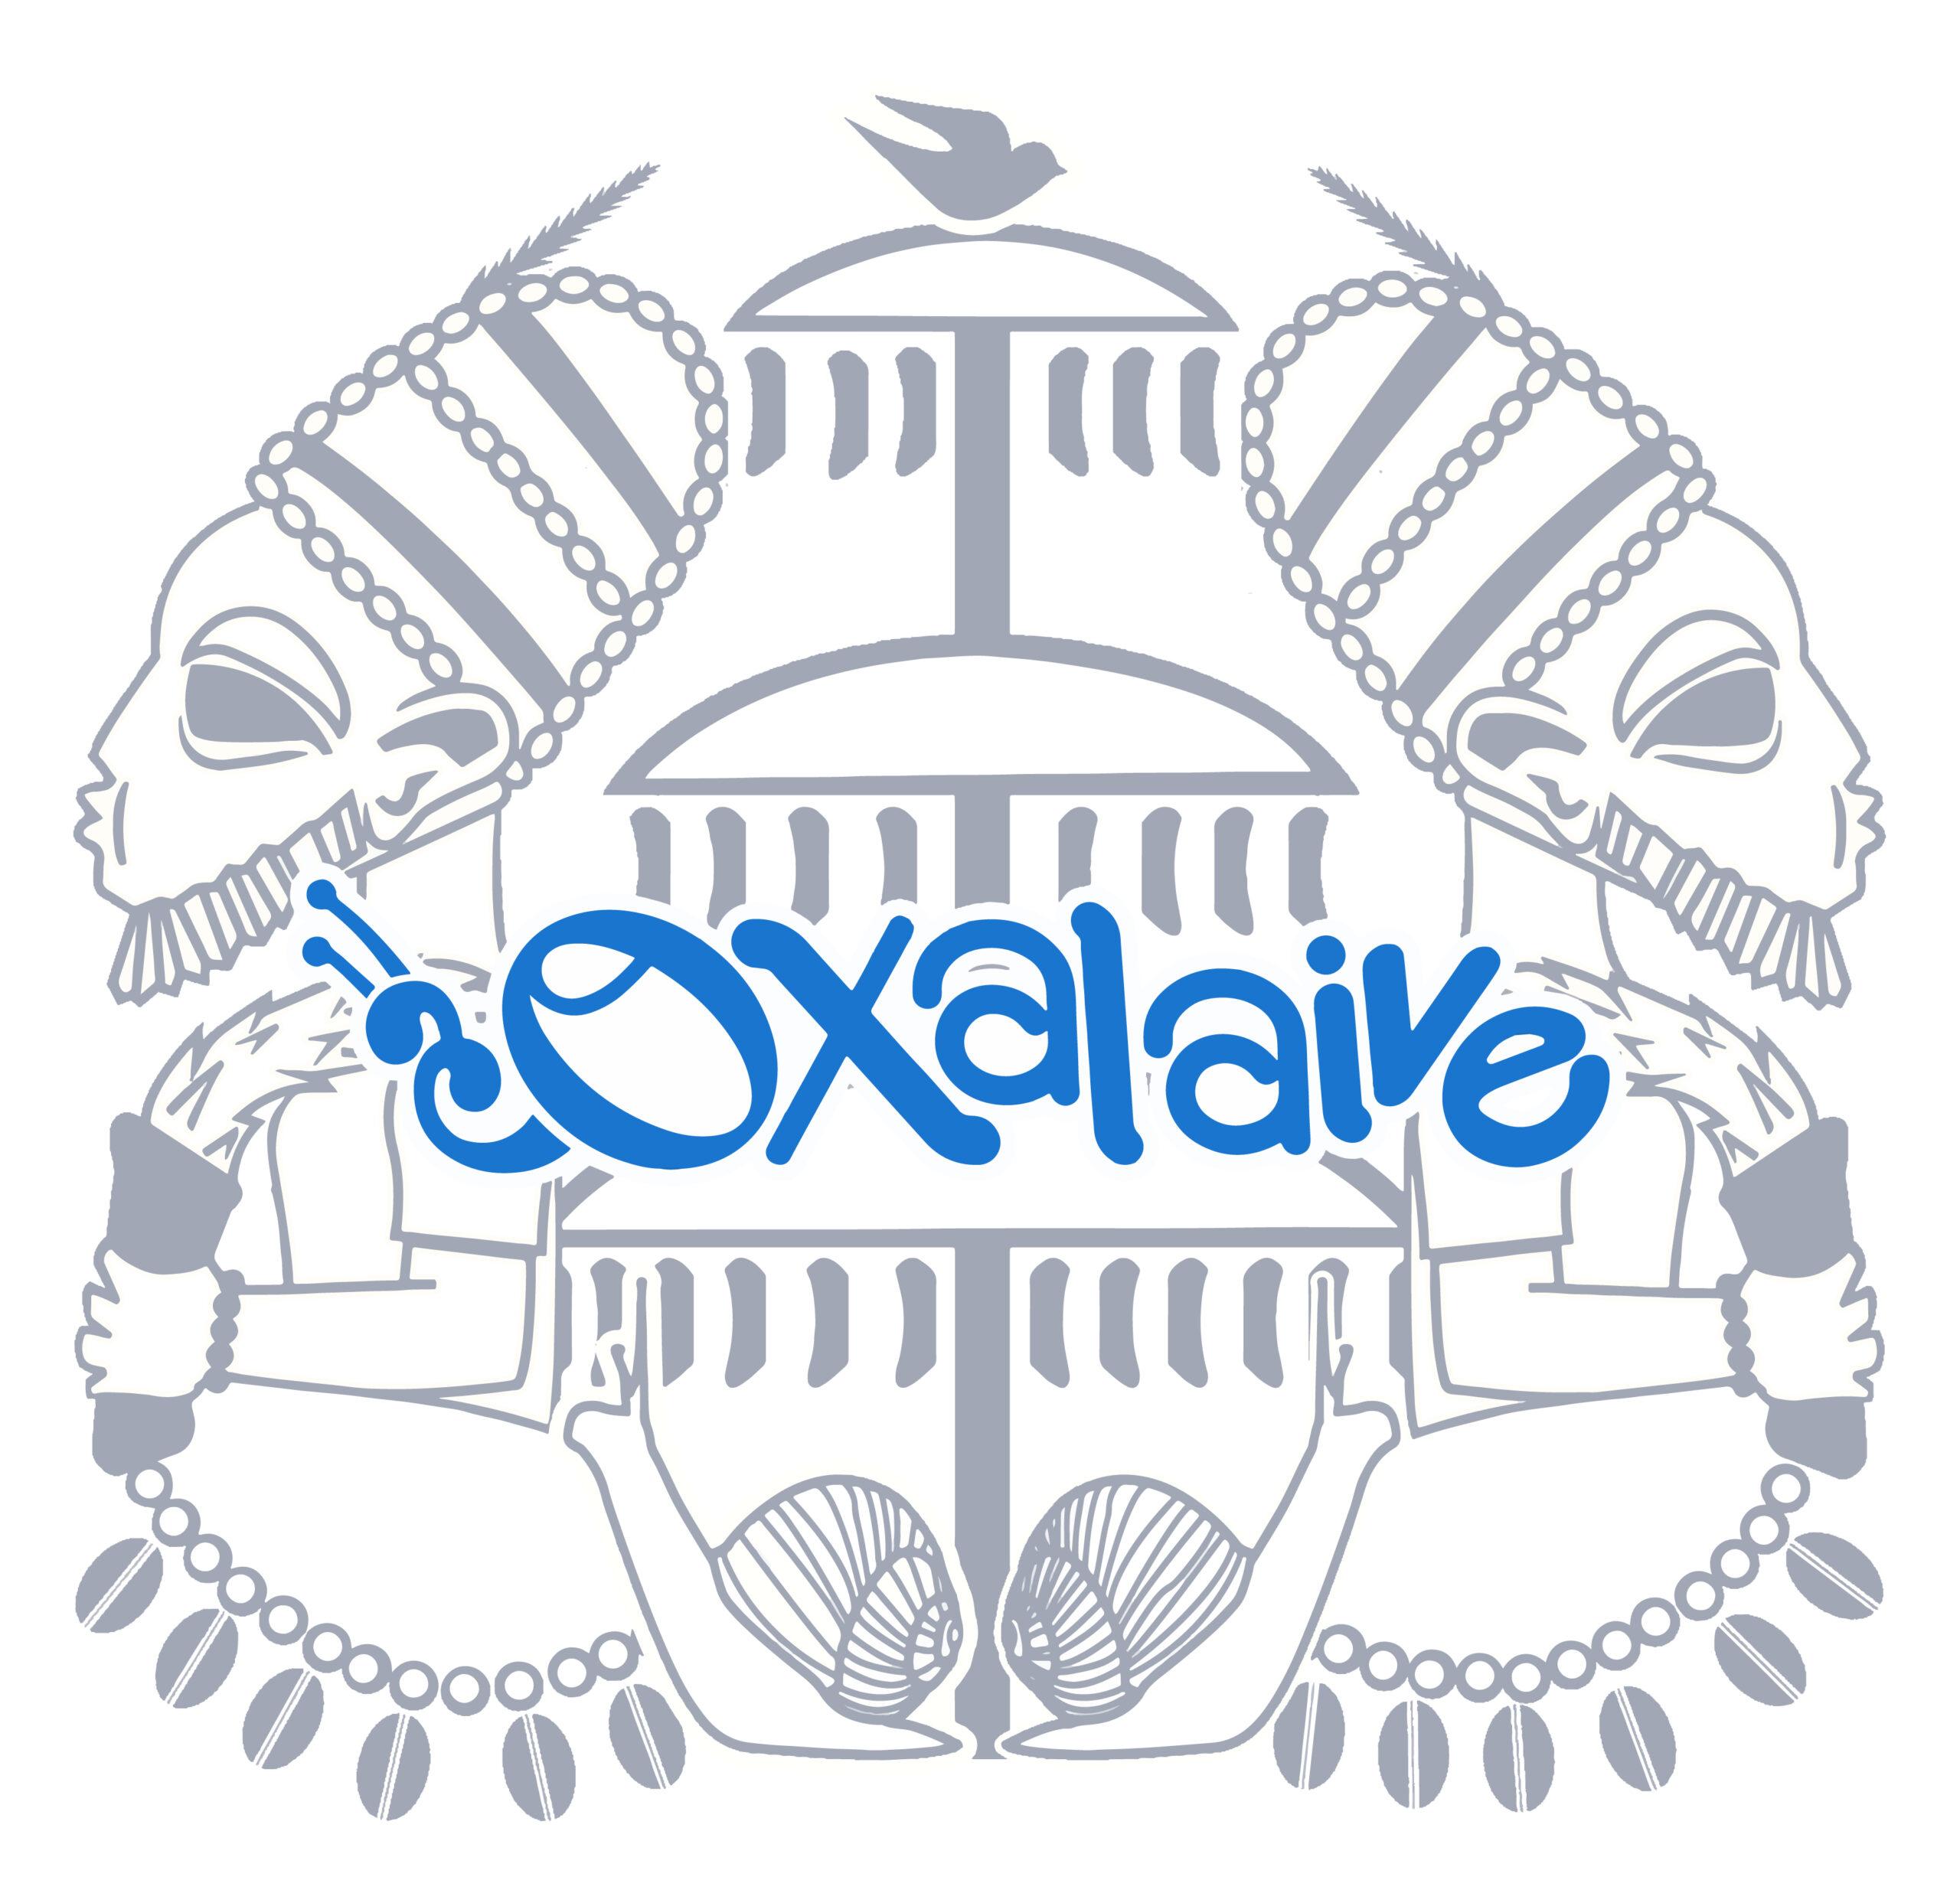 Série Oxalaive promove 14 encontros poéticos virtuais e tem o apoio da Balada Literária